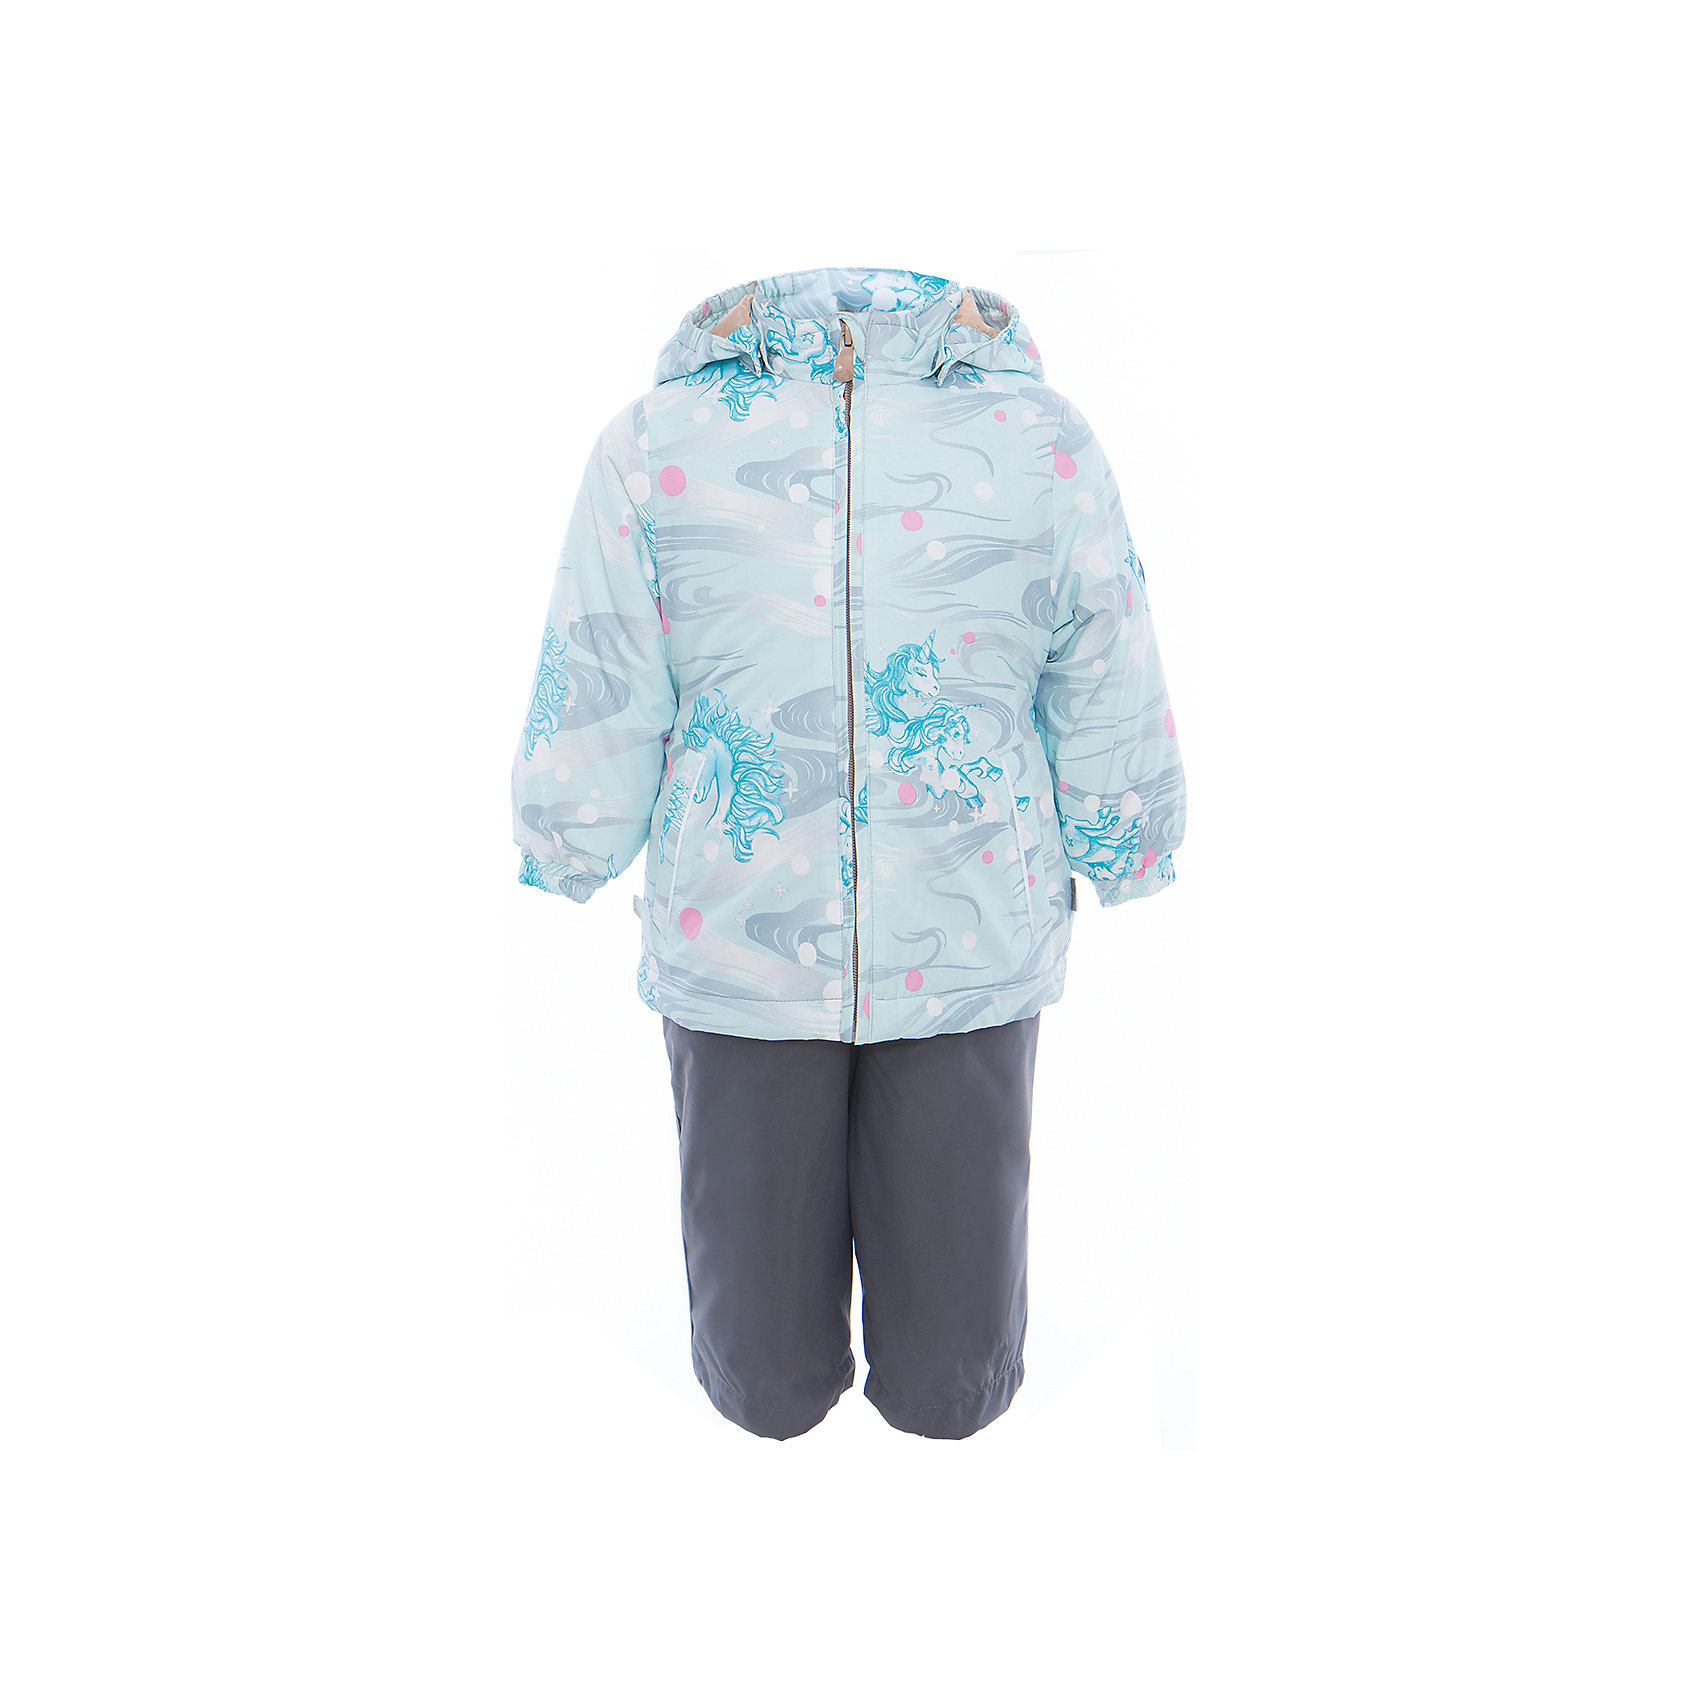 Комплект: куртка и полукомбинезон для девочки YONNE HuppaВерхняя одежда<br>Характеристики товара:<br><br>• цвет: аква принт/серый<br>• комплектация: куртка и полукомбинезон <br>• ткань: 100% полиэстер<br>• подкладка: тафта - 100% полиэстер<br>• утеплитель: куртка и полукомбинезон - 100% полиэстер 100 г.<br>• температурный режим: от -5°С до +10°С<br>• водонепроницаемость: верх - 5000 мм, низ - 10000 мм<br>• воздухопроницаемость: верх - 5000 мм, низ - 10000 мм<br>• светоотражающие детали<br>• шов сидения проклеен<br>• съёмный капюшон с резинкой<br>• защита подбородка от молнии<br>• эластичные манжеты на рукавах<br>• регулируемый низ брючин<br>• эластичный шнур с фиксатором внизу брючин<br>• без внутренних швов<br>• резиновые подтяжки<br>• коллекция: весна-лето 2017<br>• страна бренда: Эстония<br><br>Такой модный демисезонный комплект  обеспечит детям тепло и комфорт. Он сделан из материала, отталкивающего воду, и дополнен подкладкой с утеплителем, поэтому изделие идеально подходит для межсезонья. Материал изделий - с мембранной технологией: защищая от влаги и ветра, он легко выводит лишнюю влагу наружу. Комплект очень симпатично смотрится. <br><br>Одежда и обувь от популярного эстонского бренда Huppa - отличный вариант одеть ребенка можно и комфортно. Вещи, выпускаемые компанией, качественные, продуманные и очень удобные. Для производства изделий используются только безопасные для детей материалы. Продукция от Huppa порадует и детей, и их родителей!<br><br>Комплект: куртка и полукомбинезон YONNE от бренда Huppa (Хуппа) можно купить в нашем интернет-магазине.<br><br>Ширина мм: 356<br>Глубина мм: 10<br>Высота мм: 245<br>Вес г: 519<br>Цвет: зеленый<br>Возраст от месяцев: 12<br>Возраст до месяцев: 15<br>Пол: Женский<br>Возраст: Детский<br>Размер: 80,122,86,92,98,104,110,116<br>SKU: 5346654